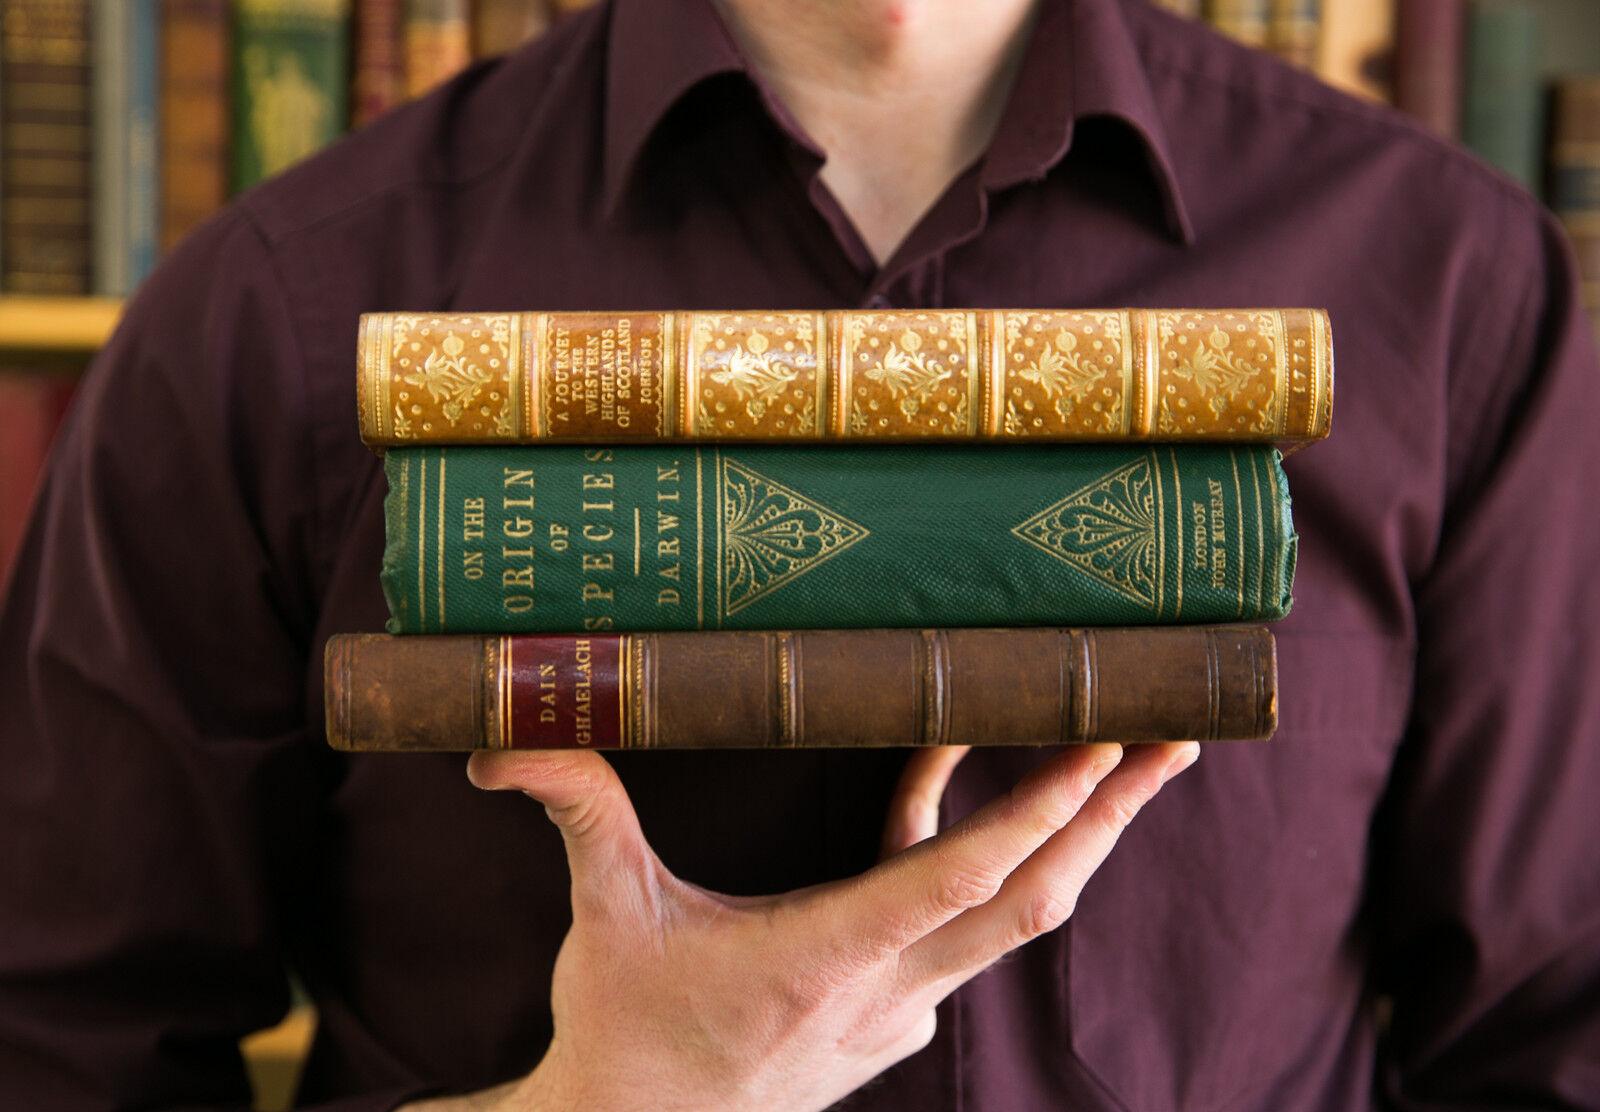 Gilleasbuig Ferguson Rare Books